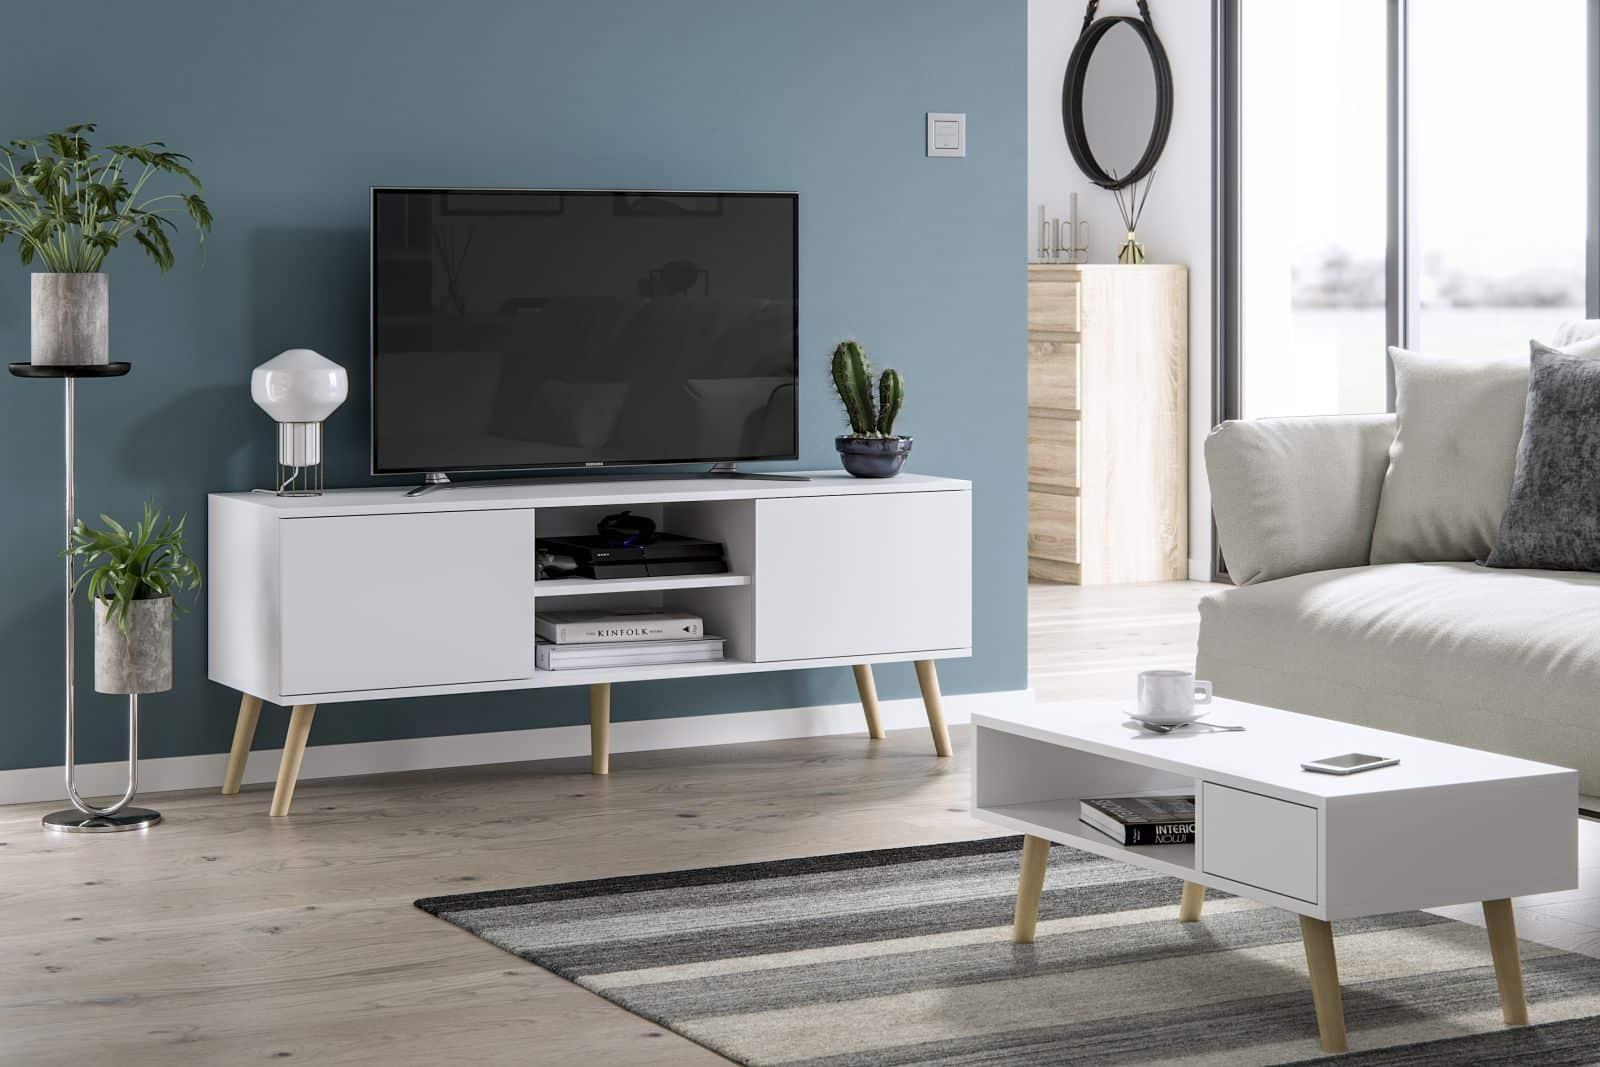 Meubles de salon table basse Juliette et meuble TV Roméo blanc mat